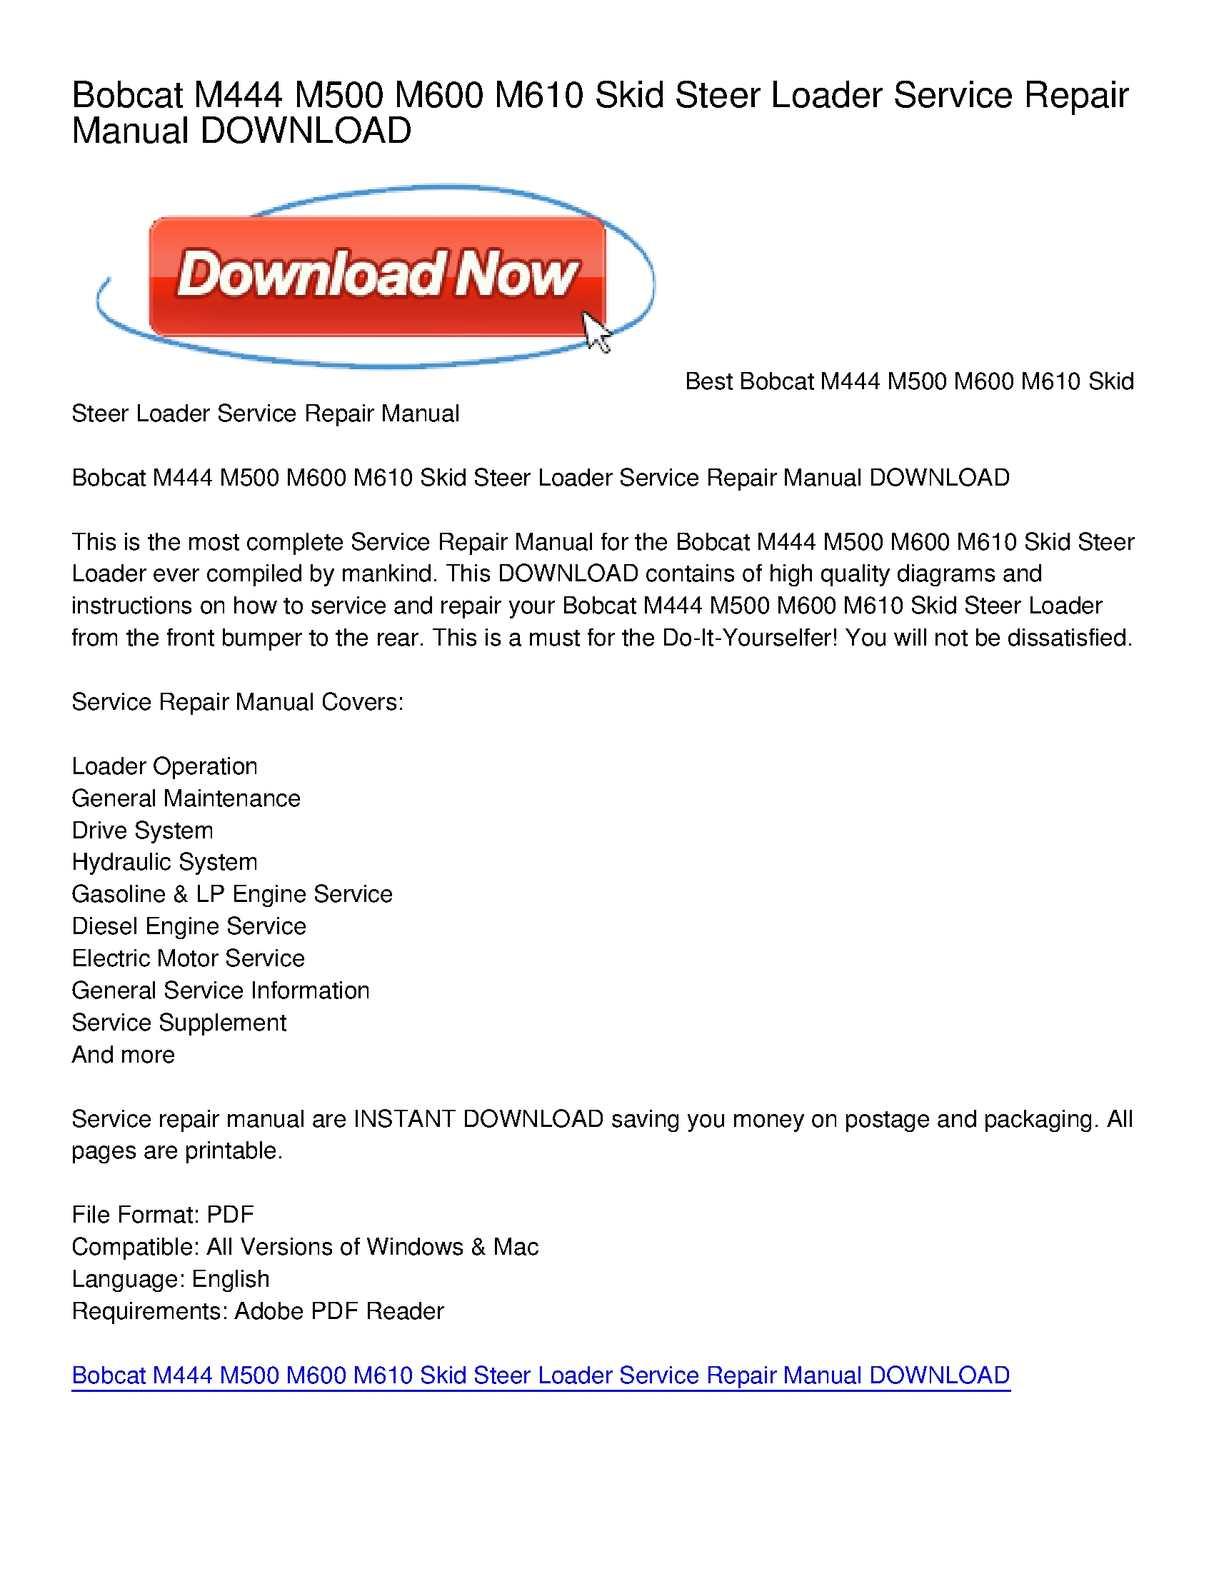 calaméo bobcat m444 m500 m600 m610 skid steer loader service calaméo bobcat m444 m500 m600 m610 skid steer loader service repair manual